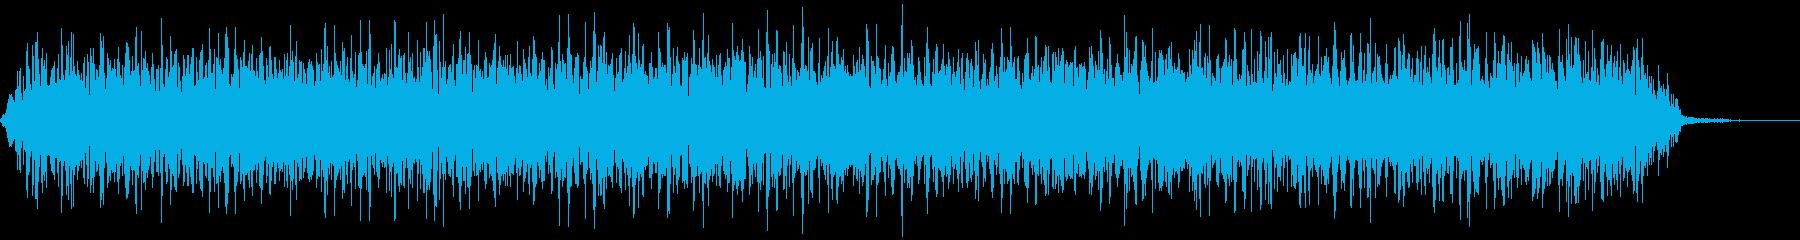 【アンビエント】ドローン_52 実験音の再生済みの波形